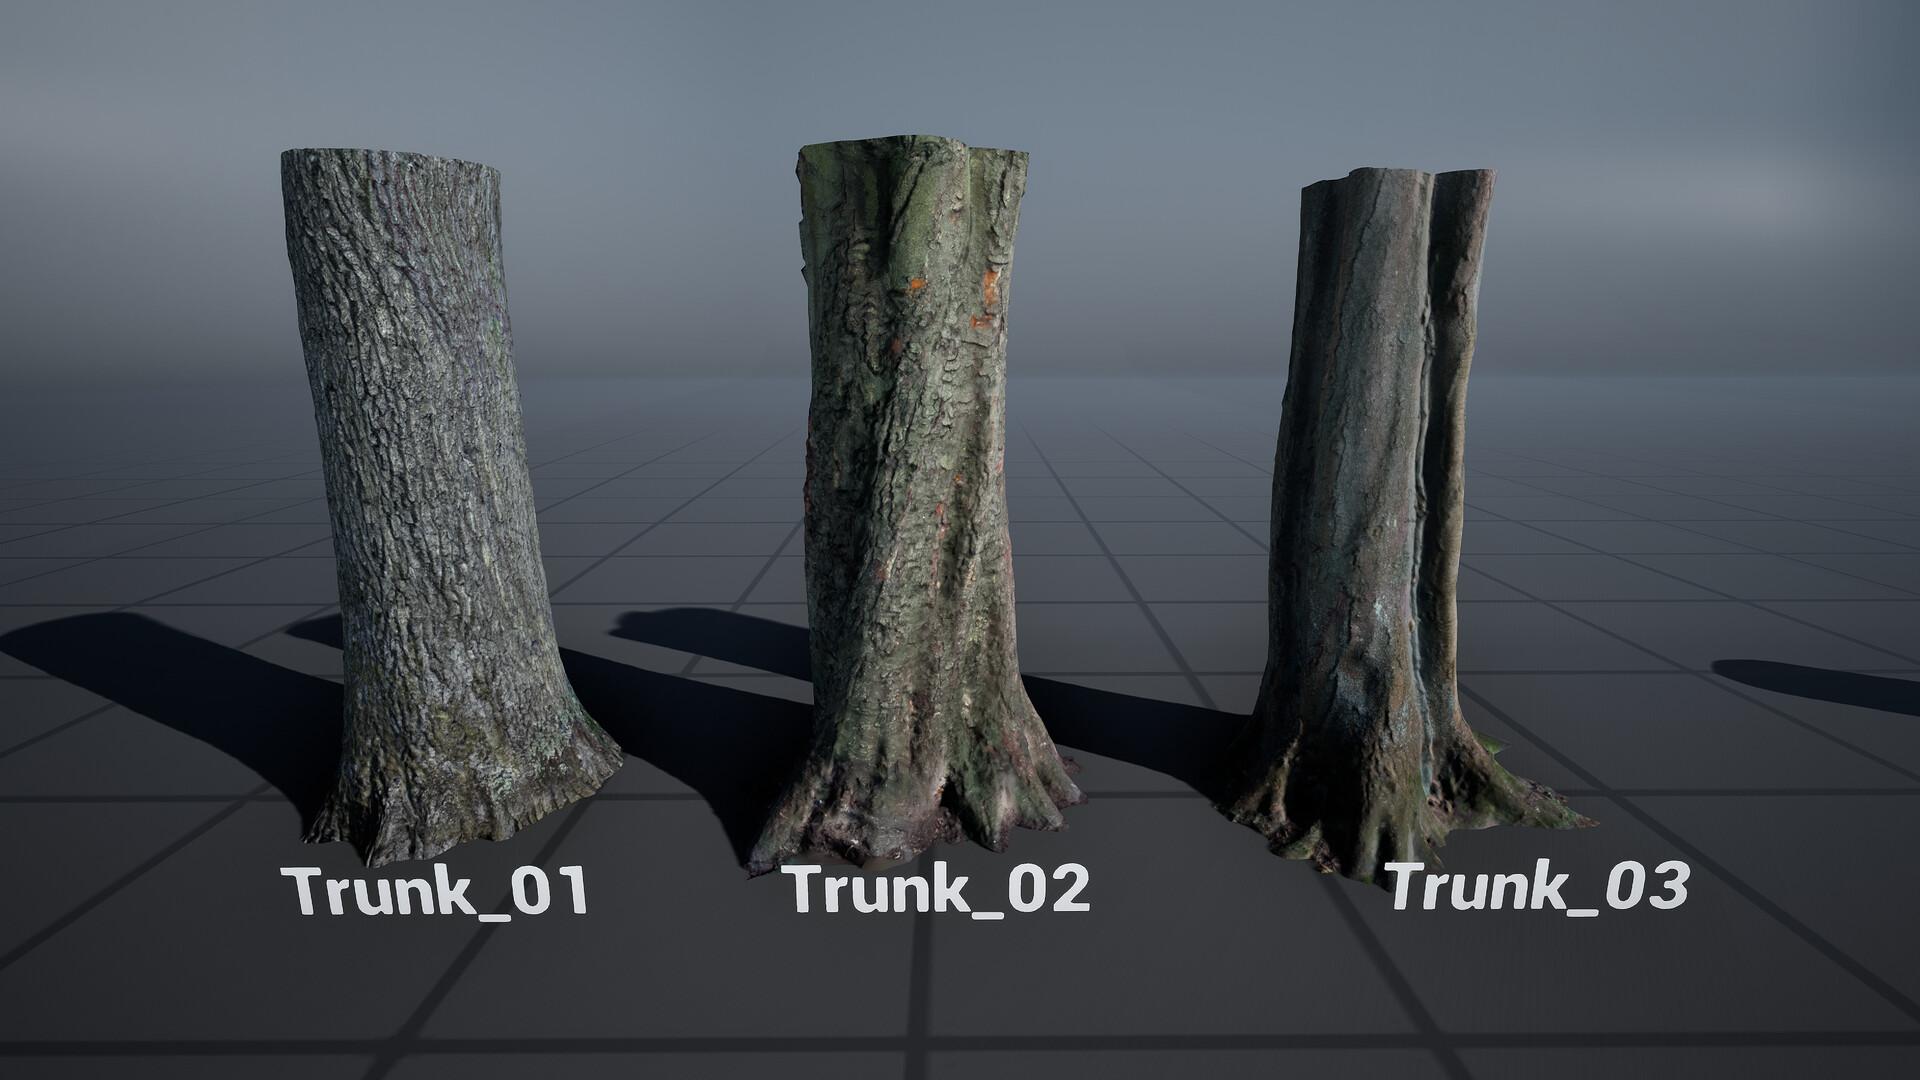 Stefan oprisan trunks